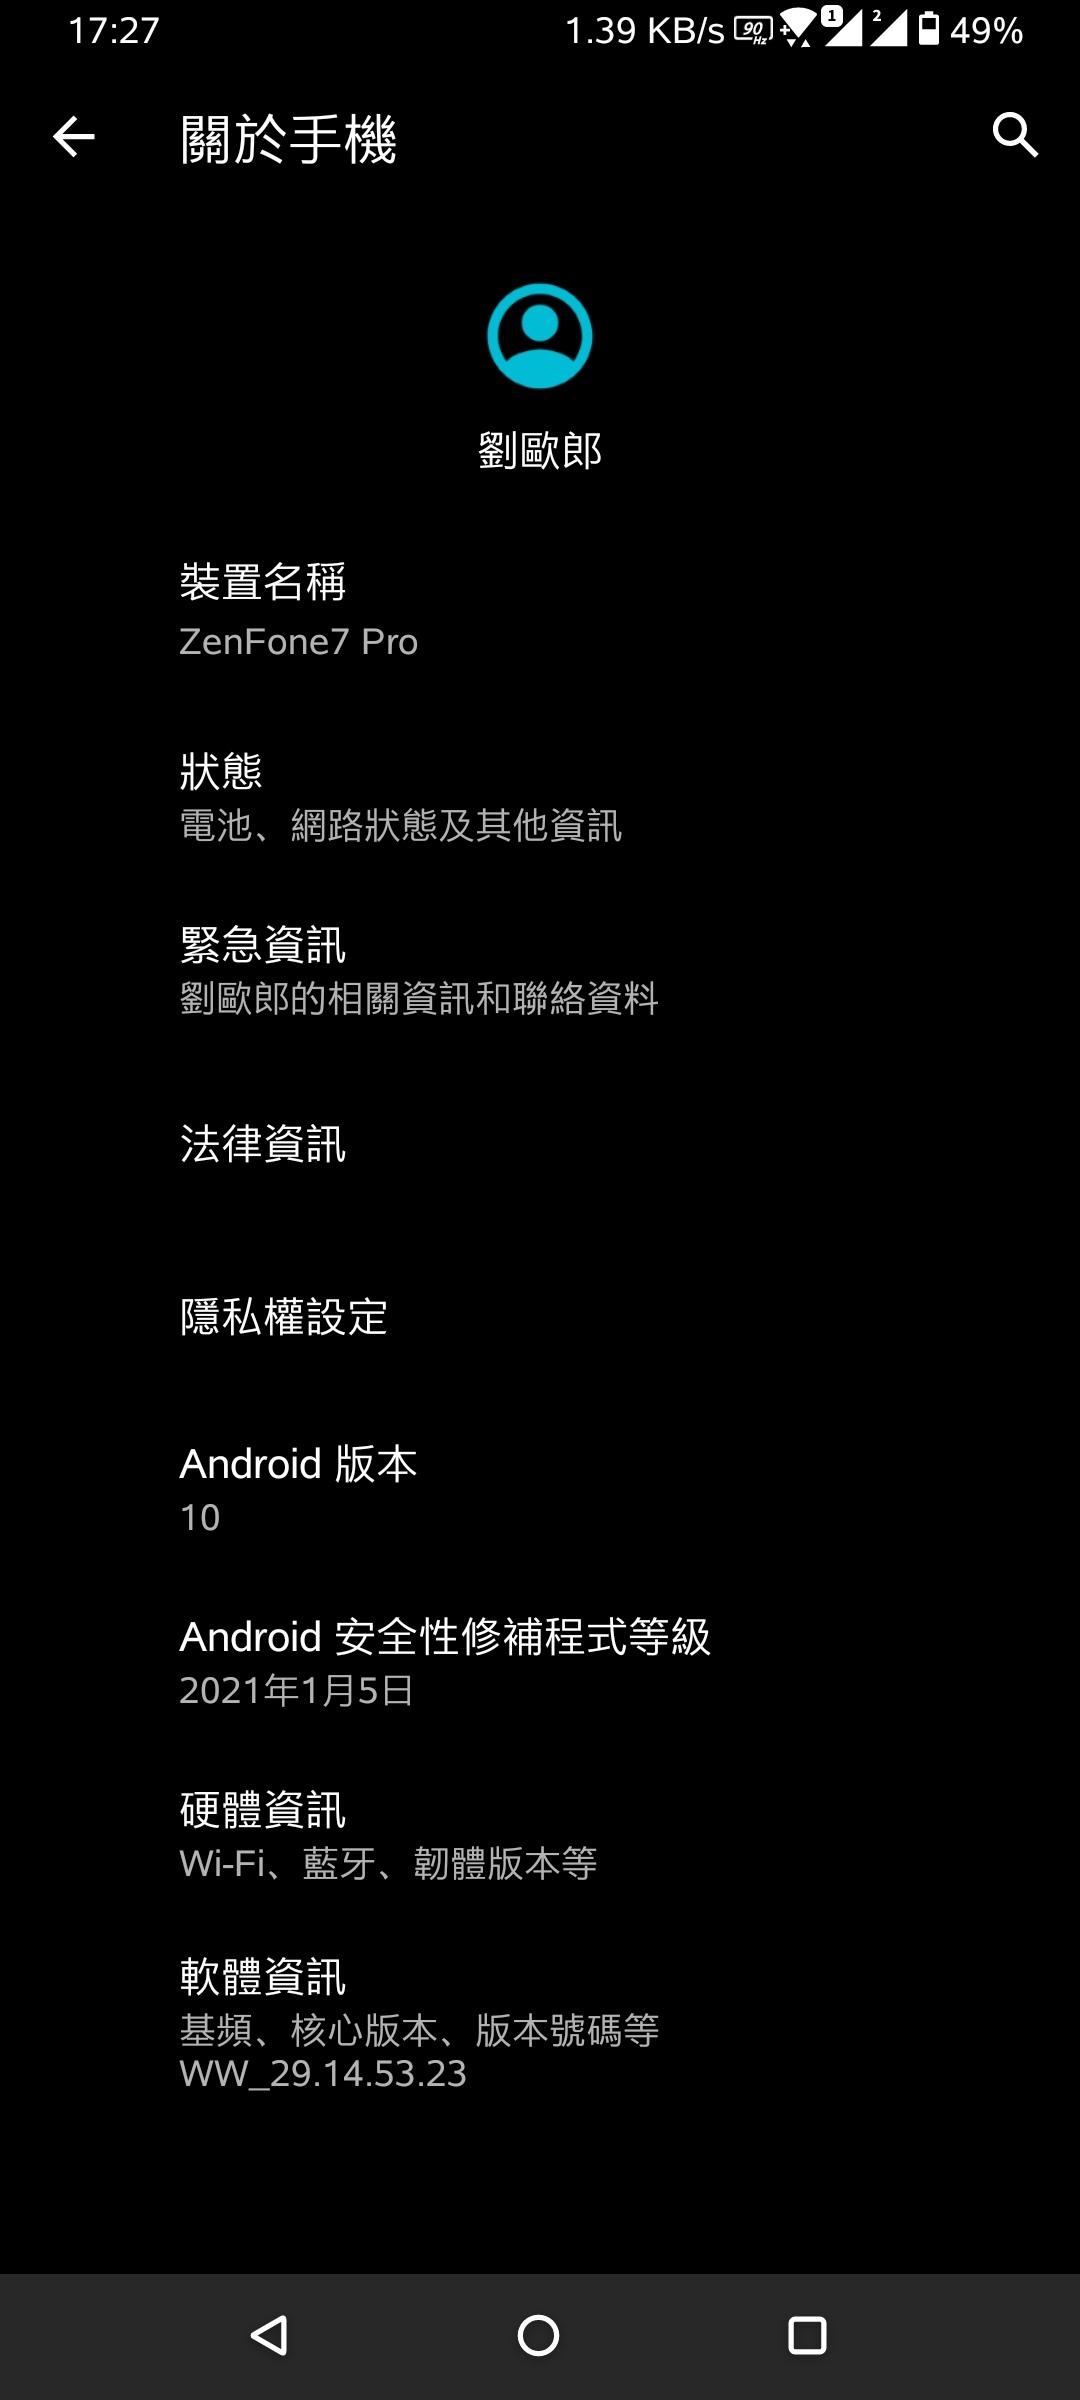 Screenshot_20210321-172722569.jpg